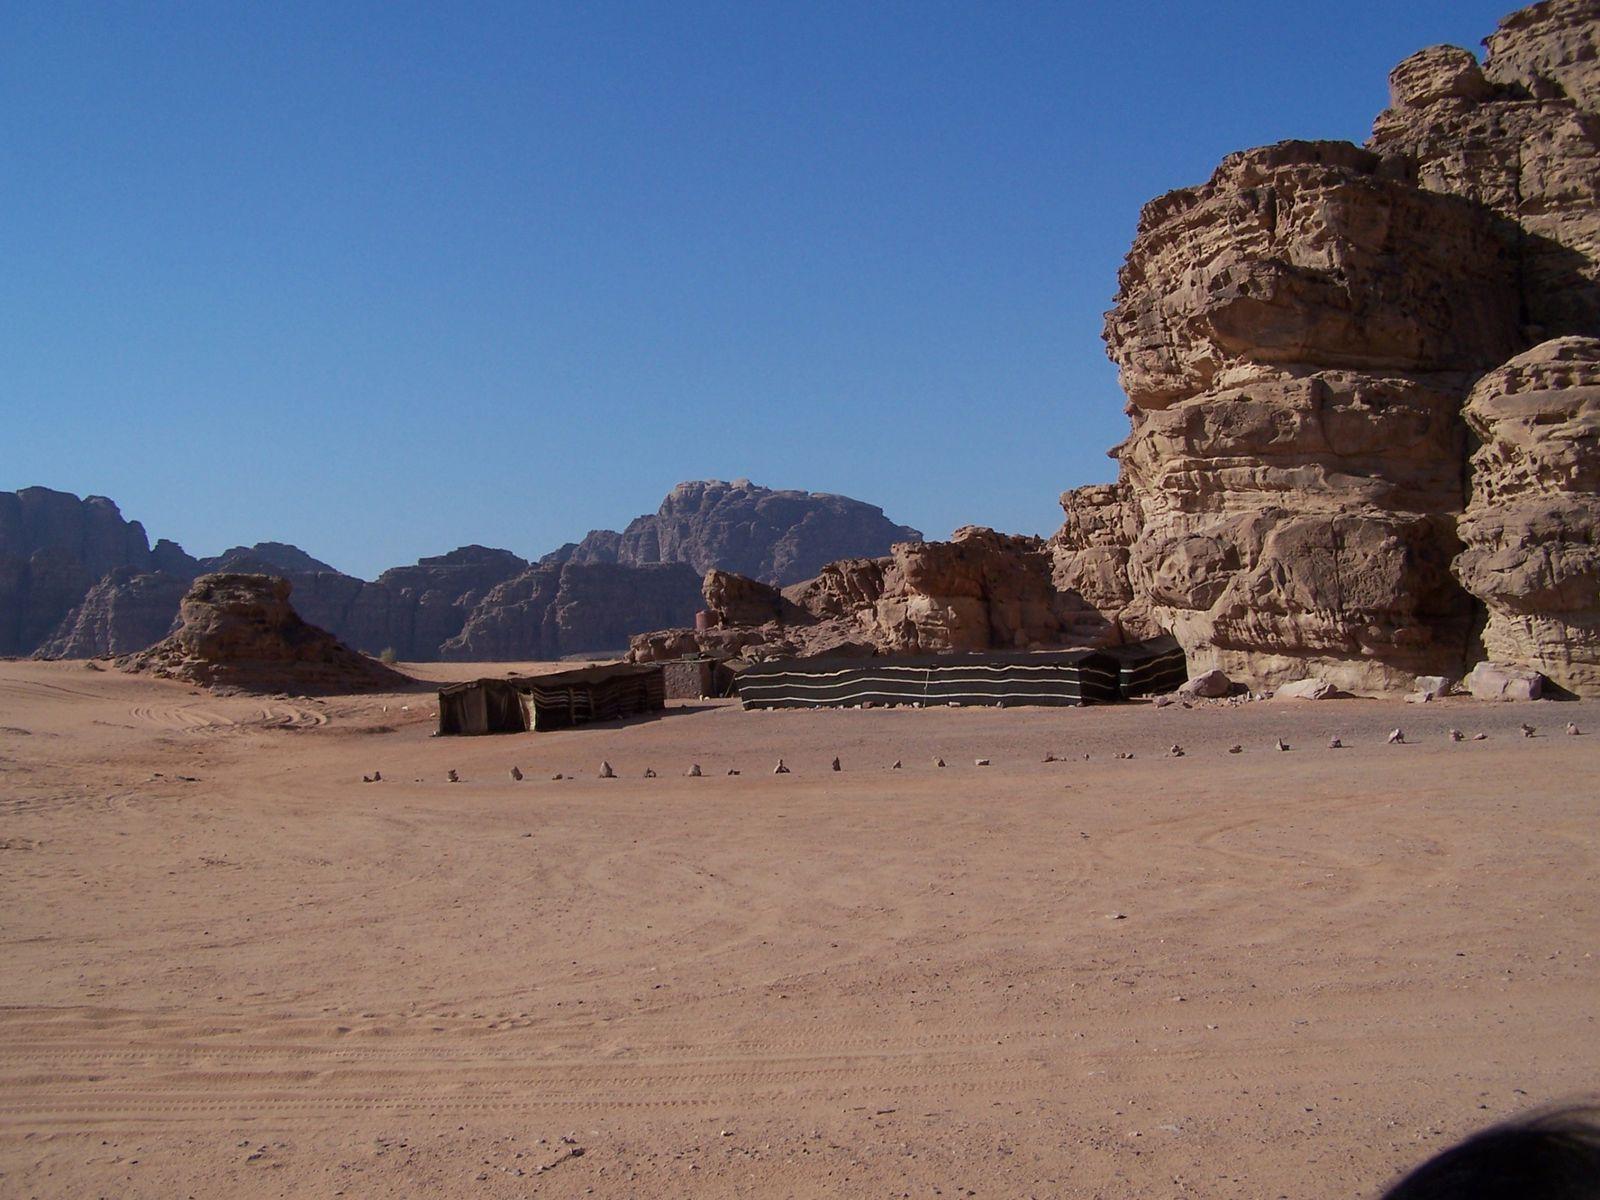 Désert du Wadi Rum ; un cadre unique et merveilleux en Jordanie 8